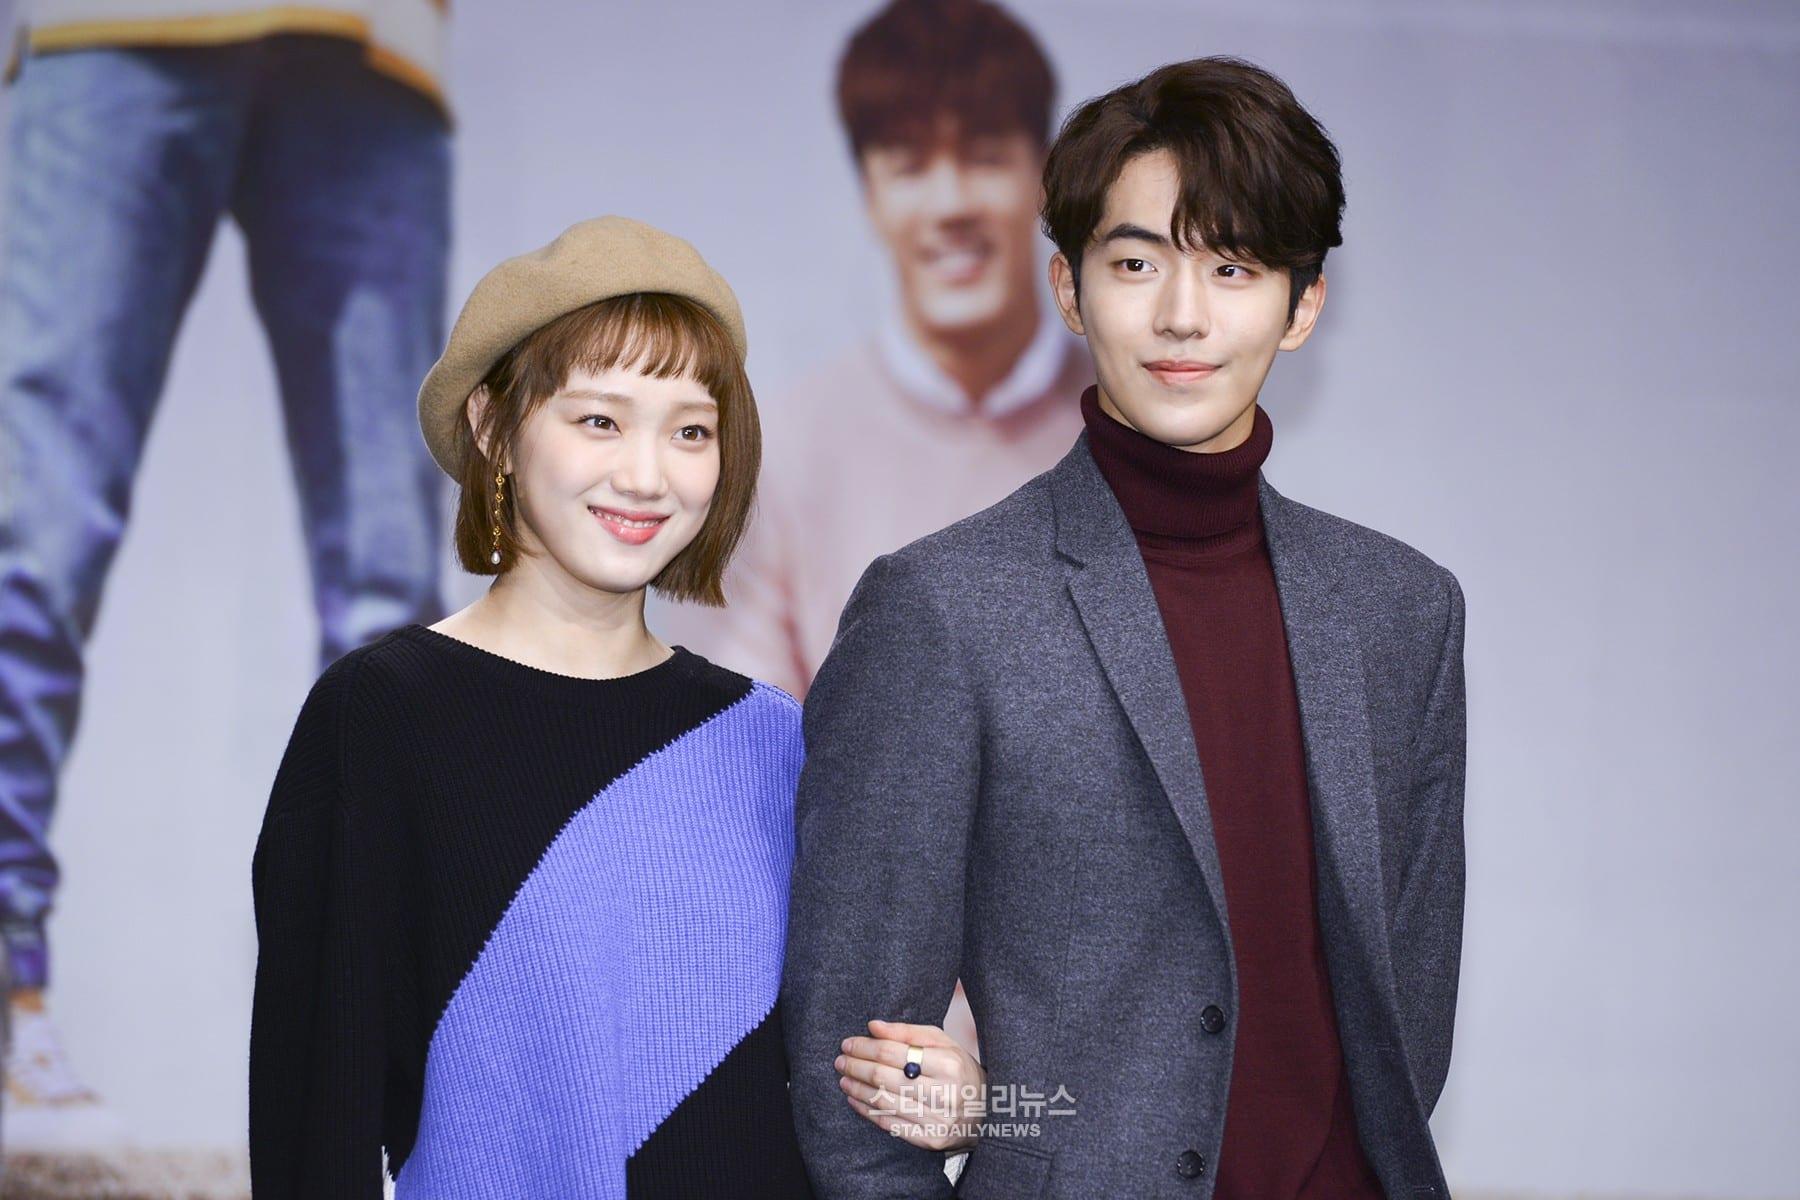 Lee soo kyung dating